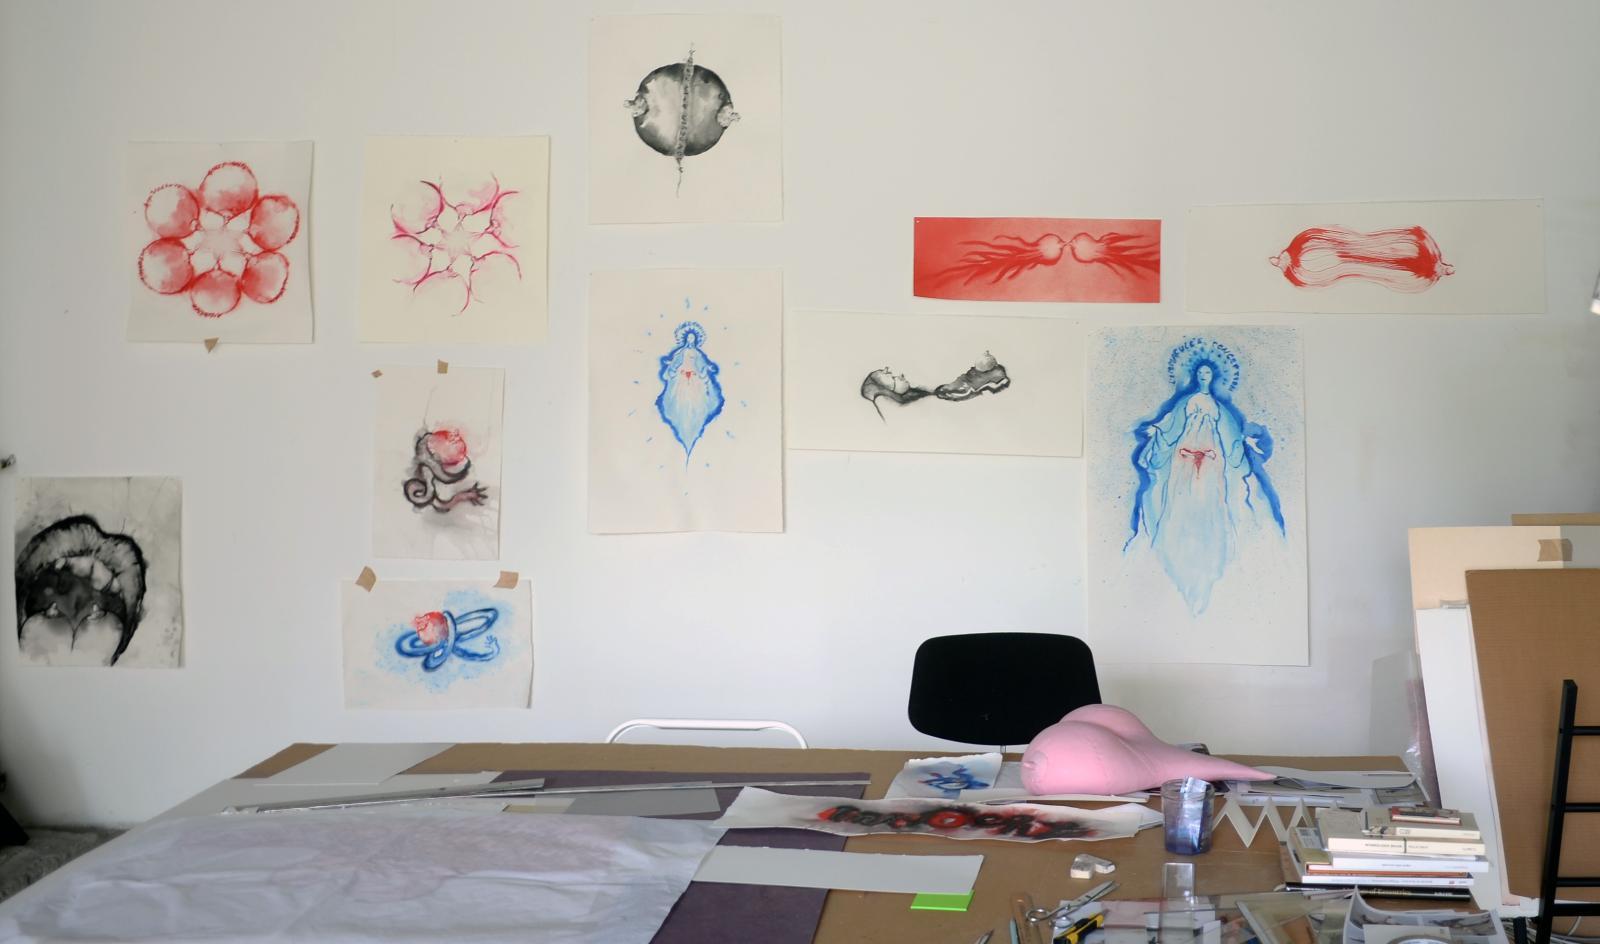 Le bureau de l'artiste, avec les œuvres en cours.